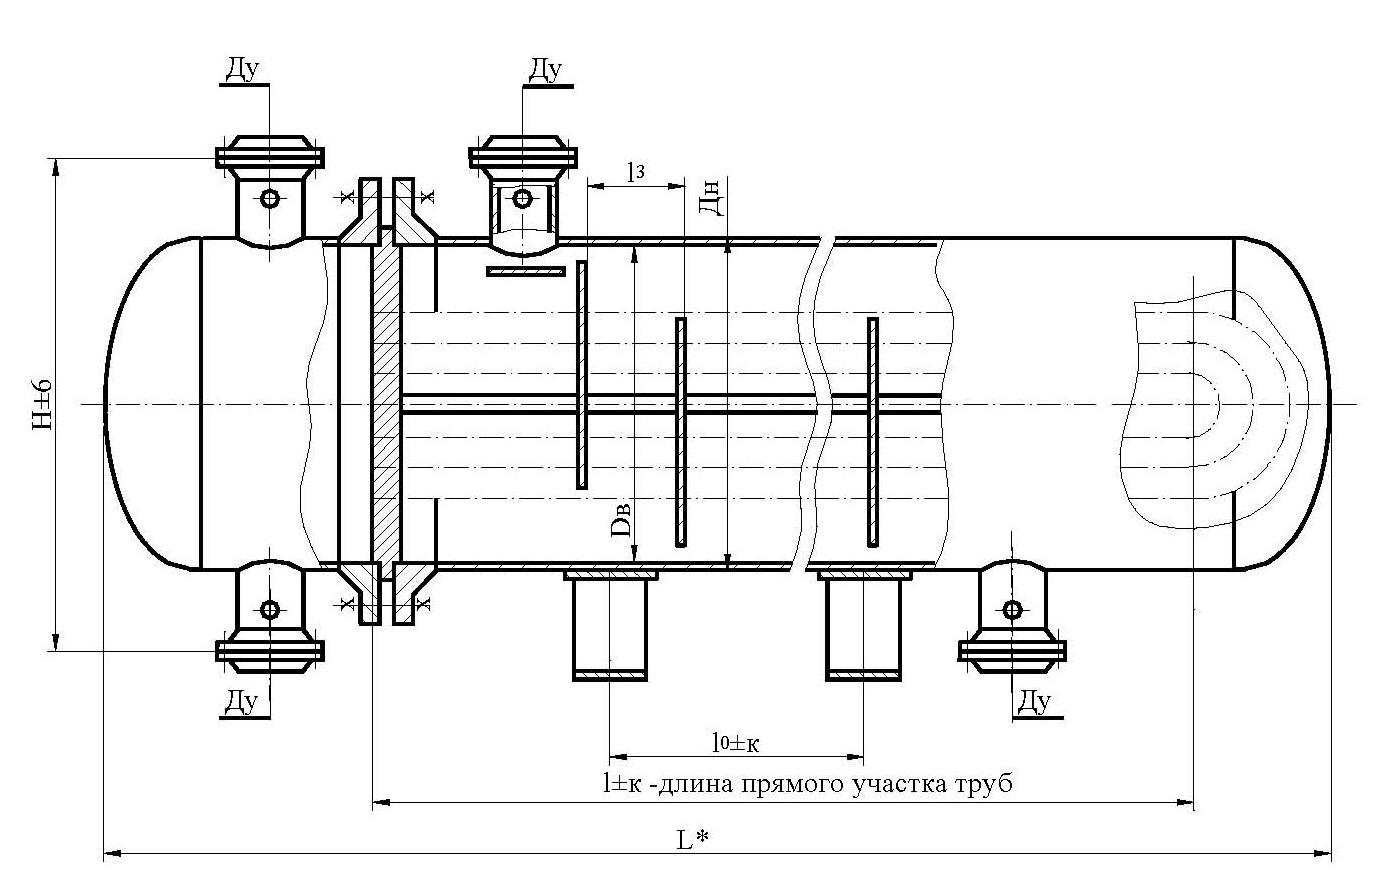 Теплообменник 500 тп цена в ярославле теплообменник ауди а6 цена